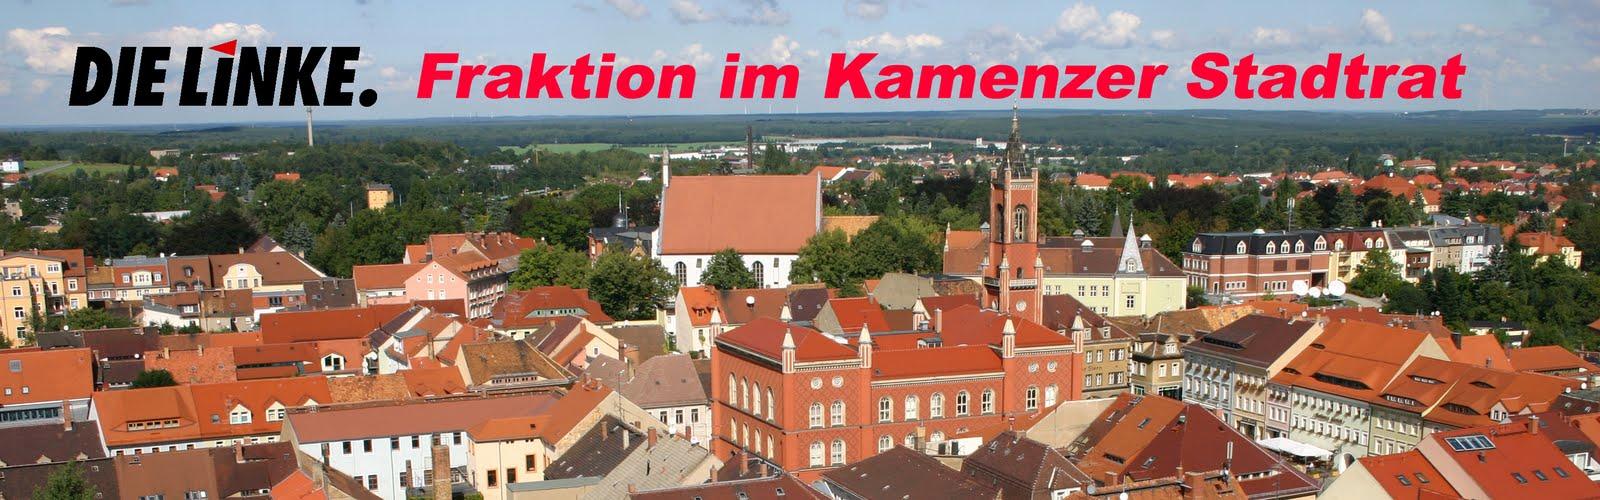 DIE LINKE. Fraktion im Kamenzer Stadtrat